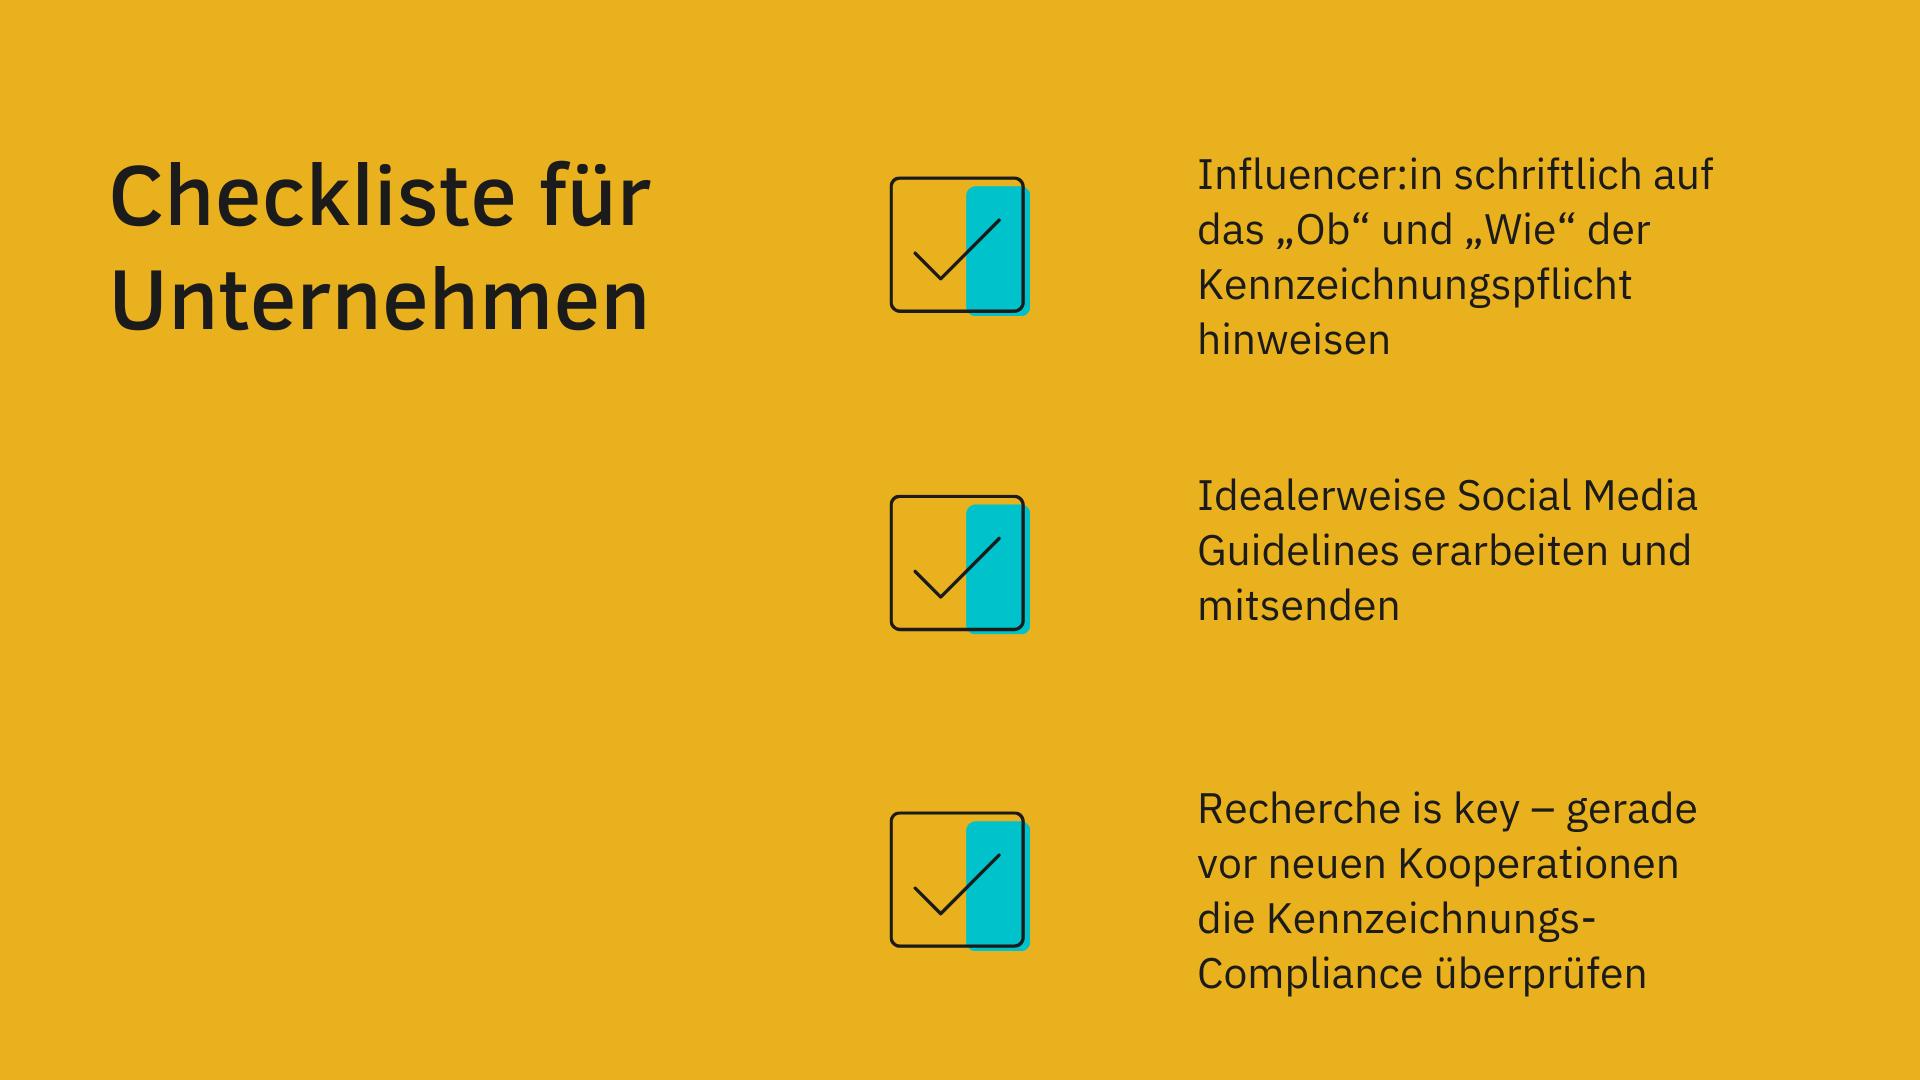 Checkliste zur Kennzeichnungspflicht von Instagram-Werbung für UN